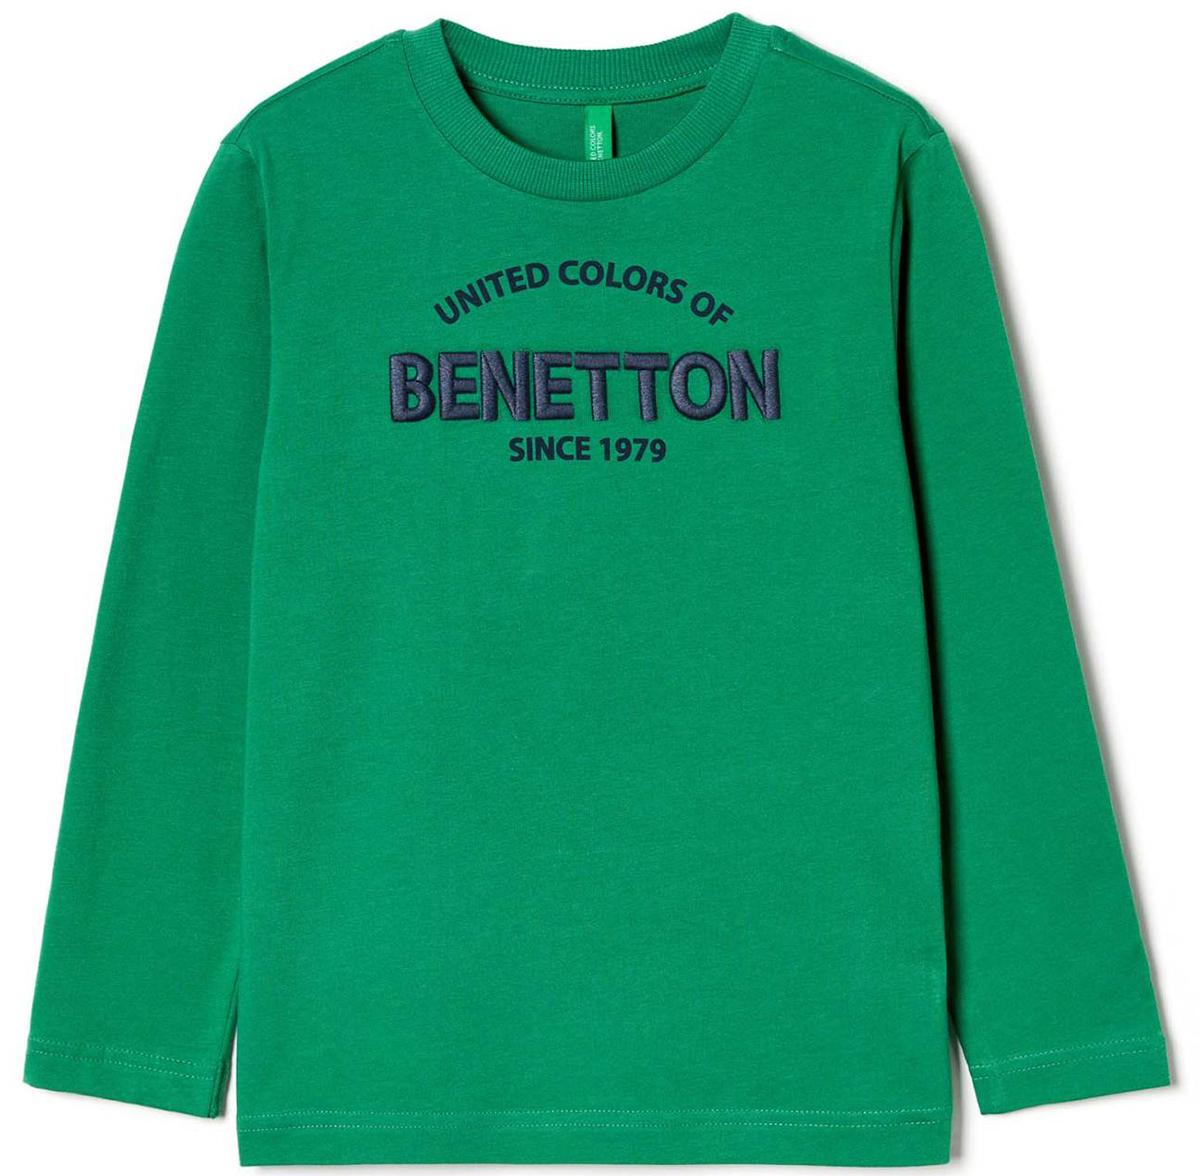 Лонгслив для мальчика United Colors of Benetton, цвет: зеленый. 3096C13GW_327. Размер 1603096C13GW_327Лонгслив для мальчика United Colors of Benetton выполнен из натурального хлопка. Модель с круглым вырезом горловины и длинными рукавами.